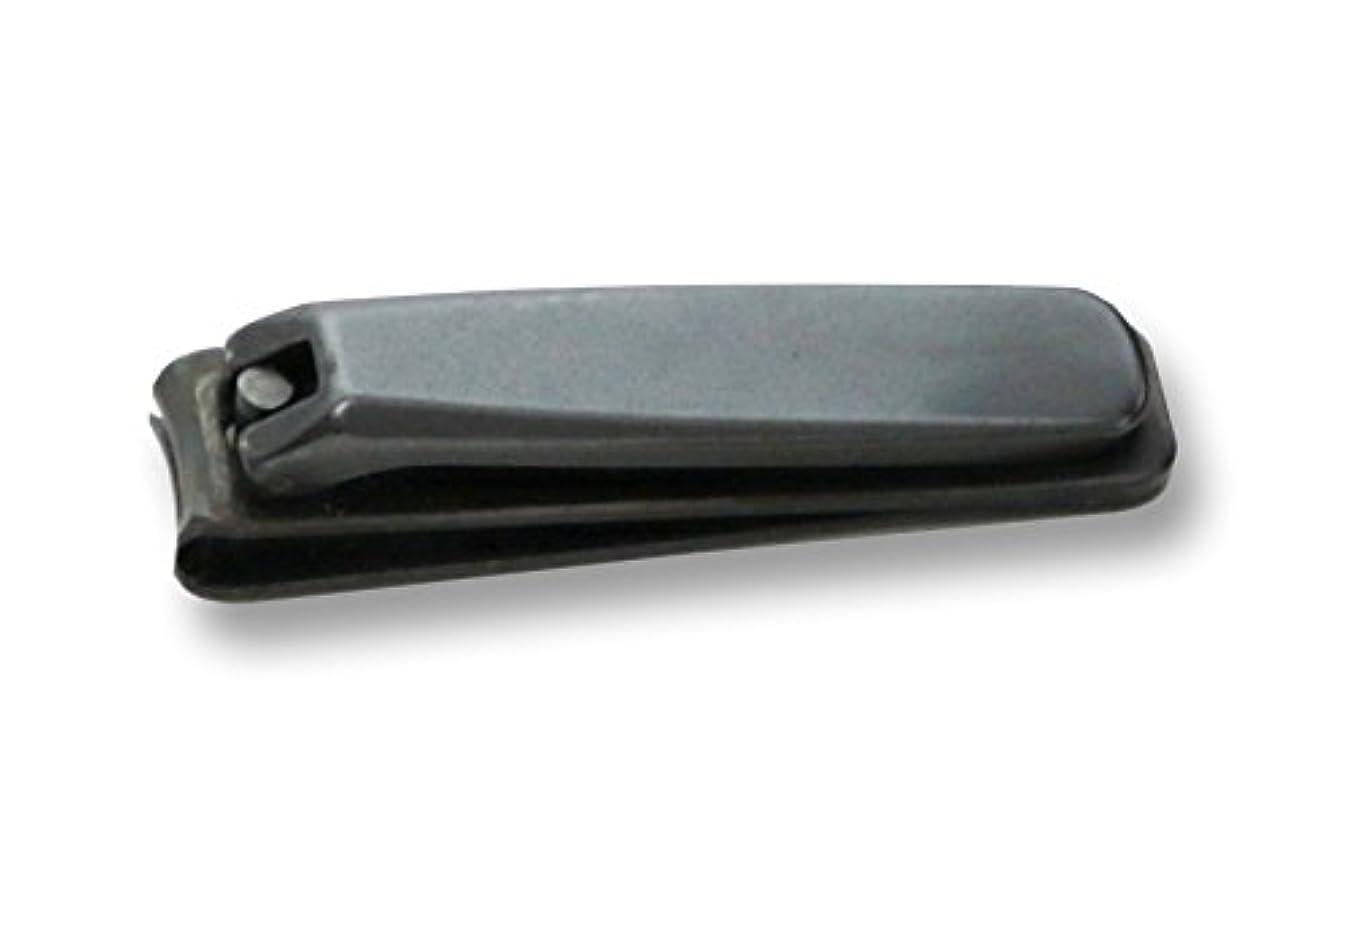 バター麻痺オーガニックKD-026 関の刃物 ブラック爪切 大 カバー付